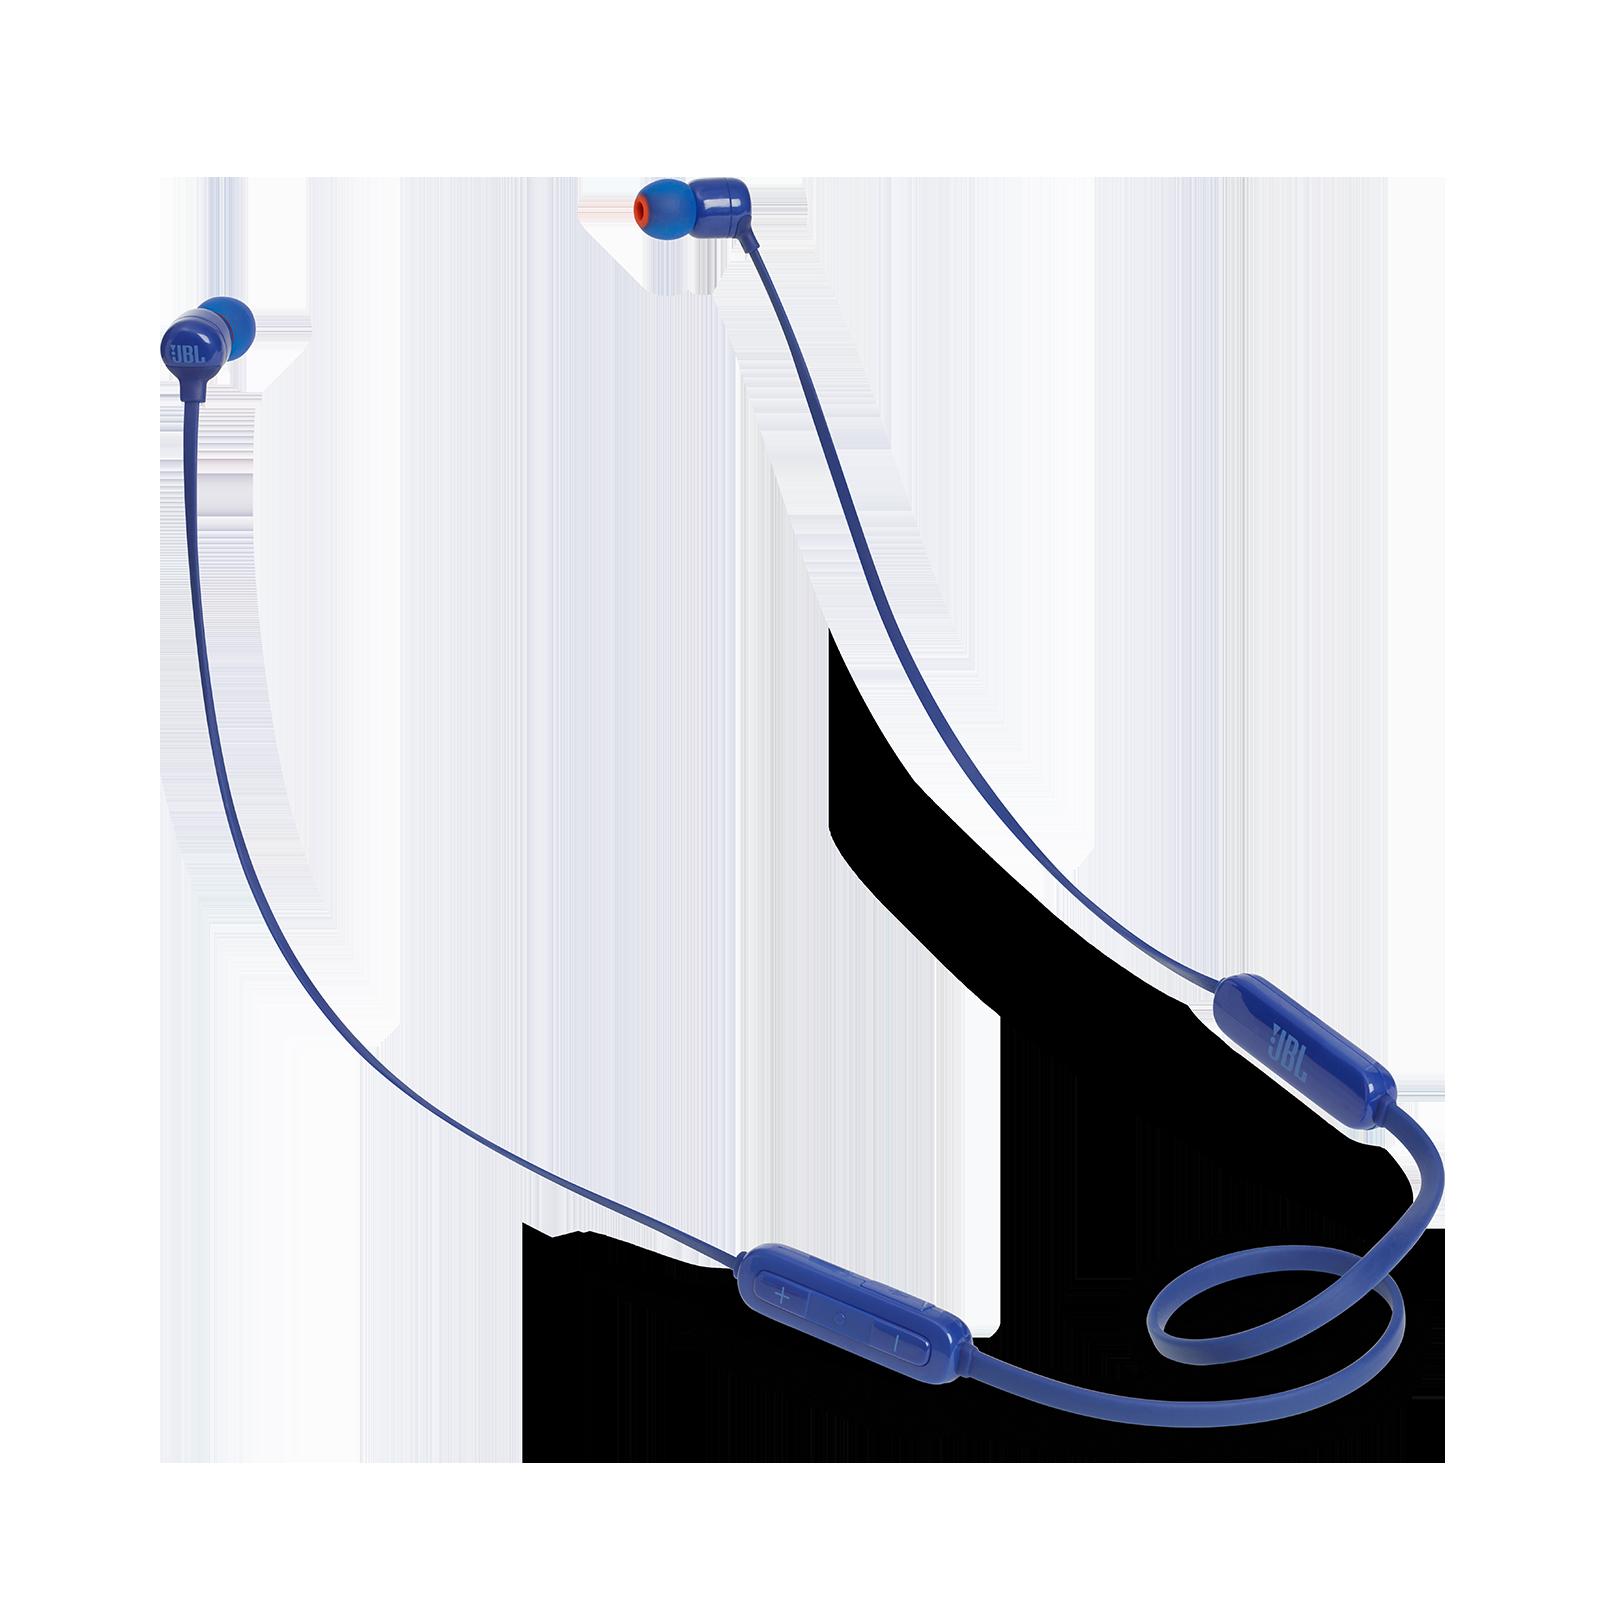 JBL TUNE 160BT - Blue - Wireless in-ear headphones - Hero